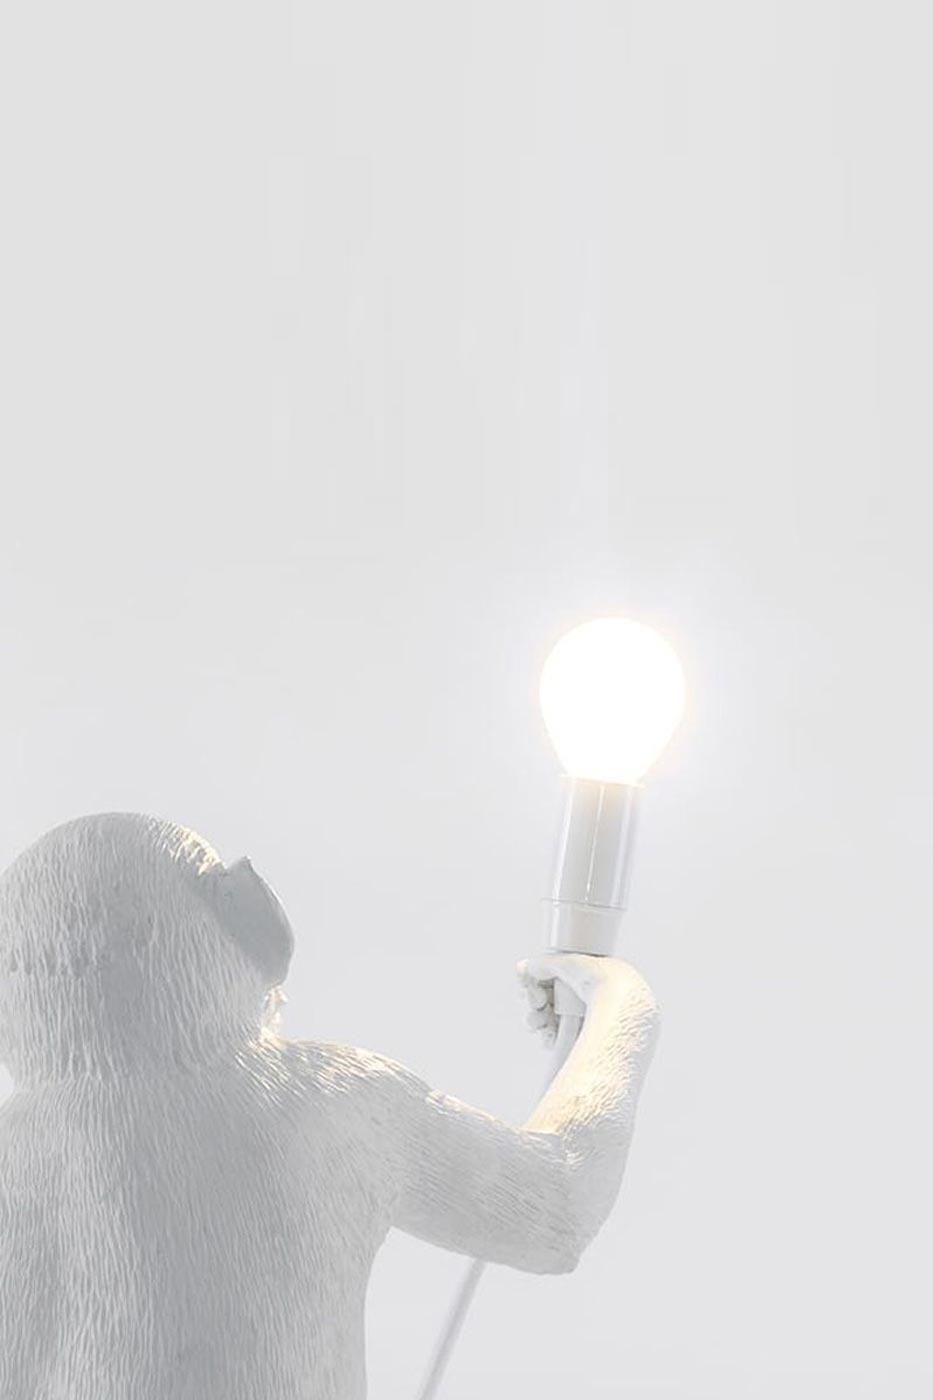 Ljuskälla till bordslampa apa vit